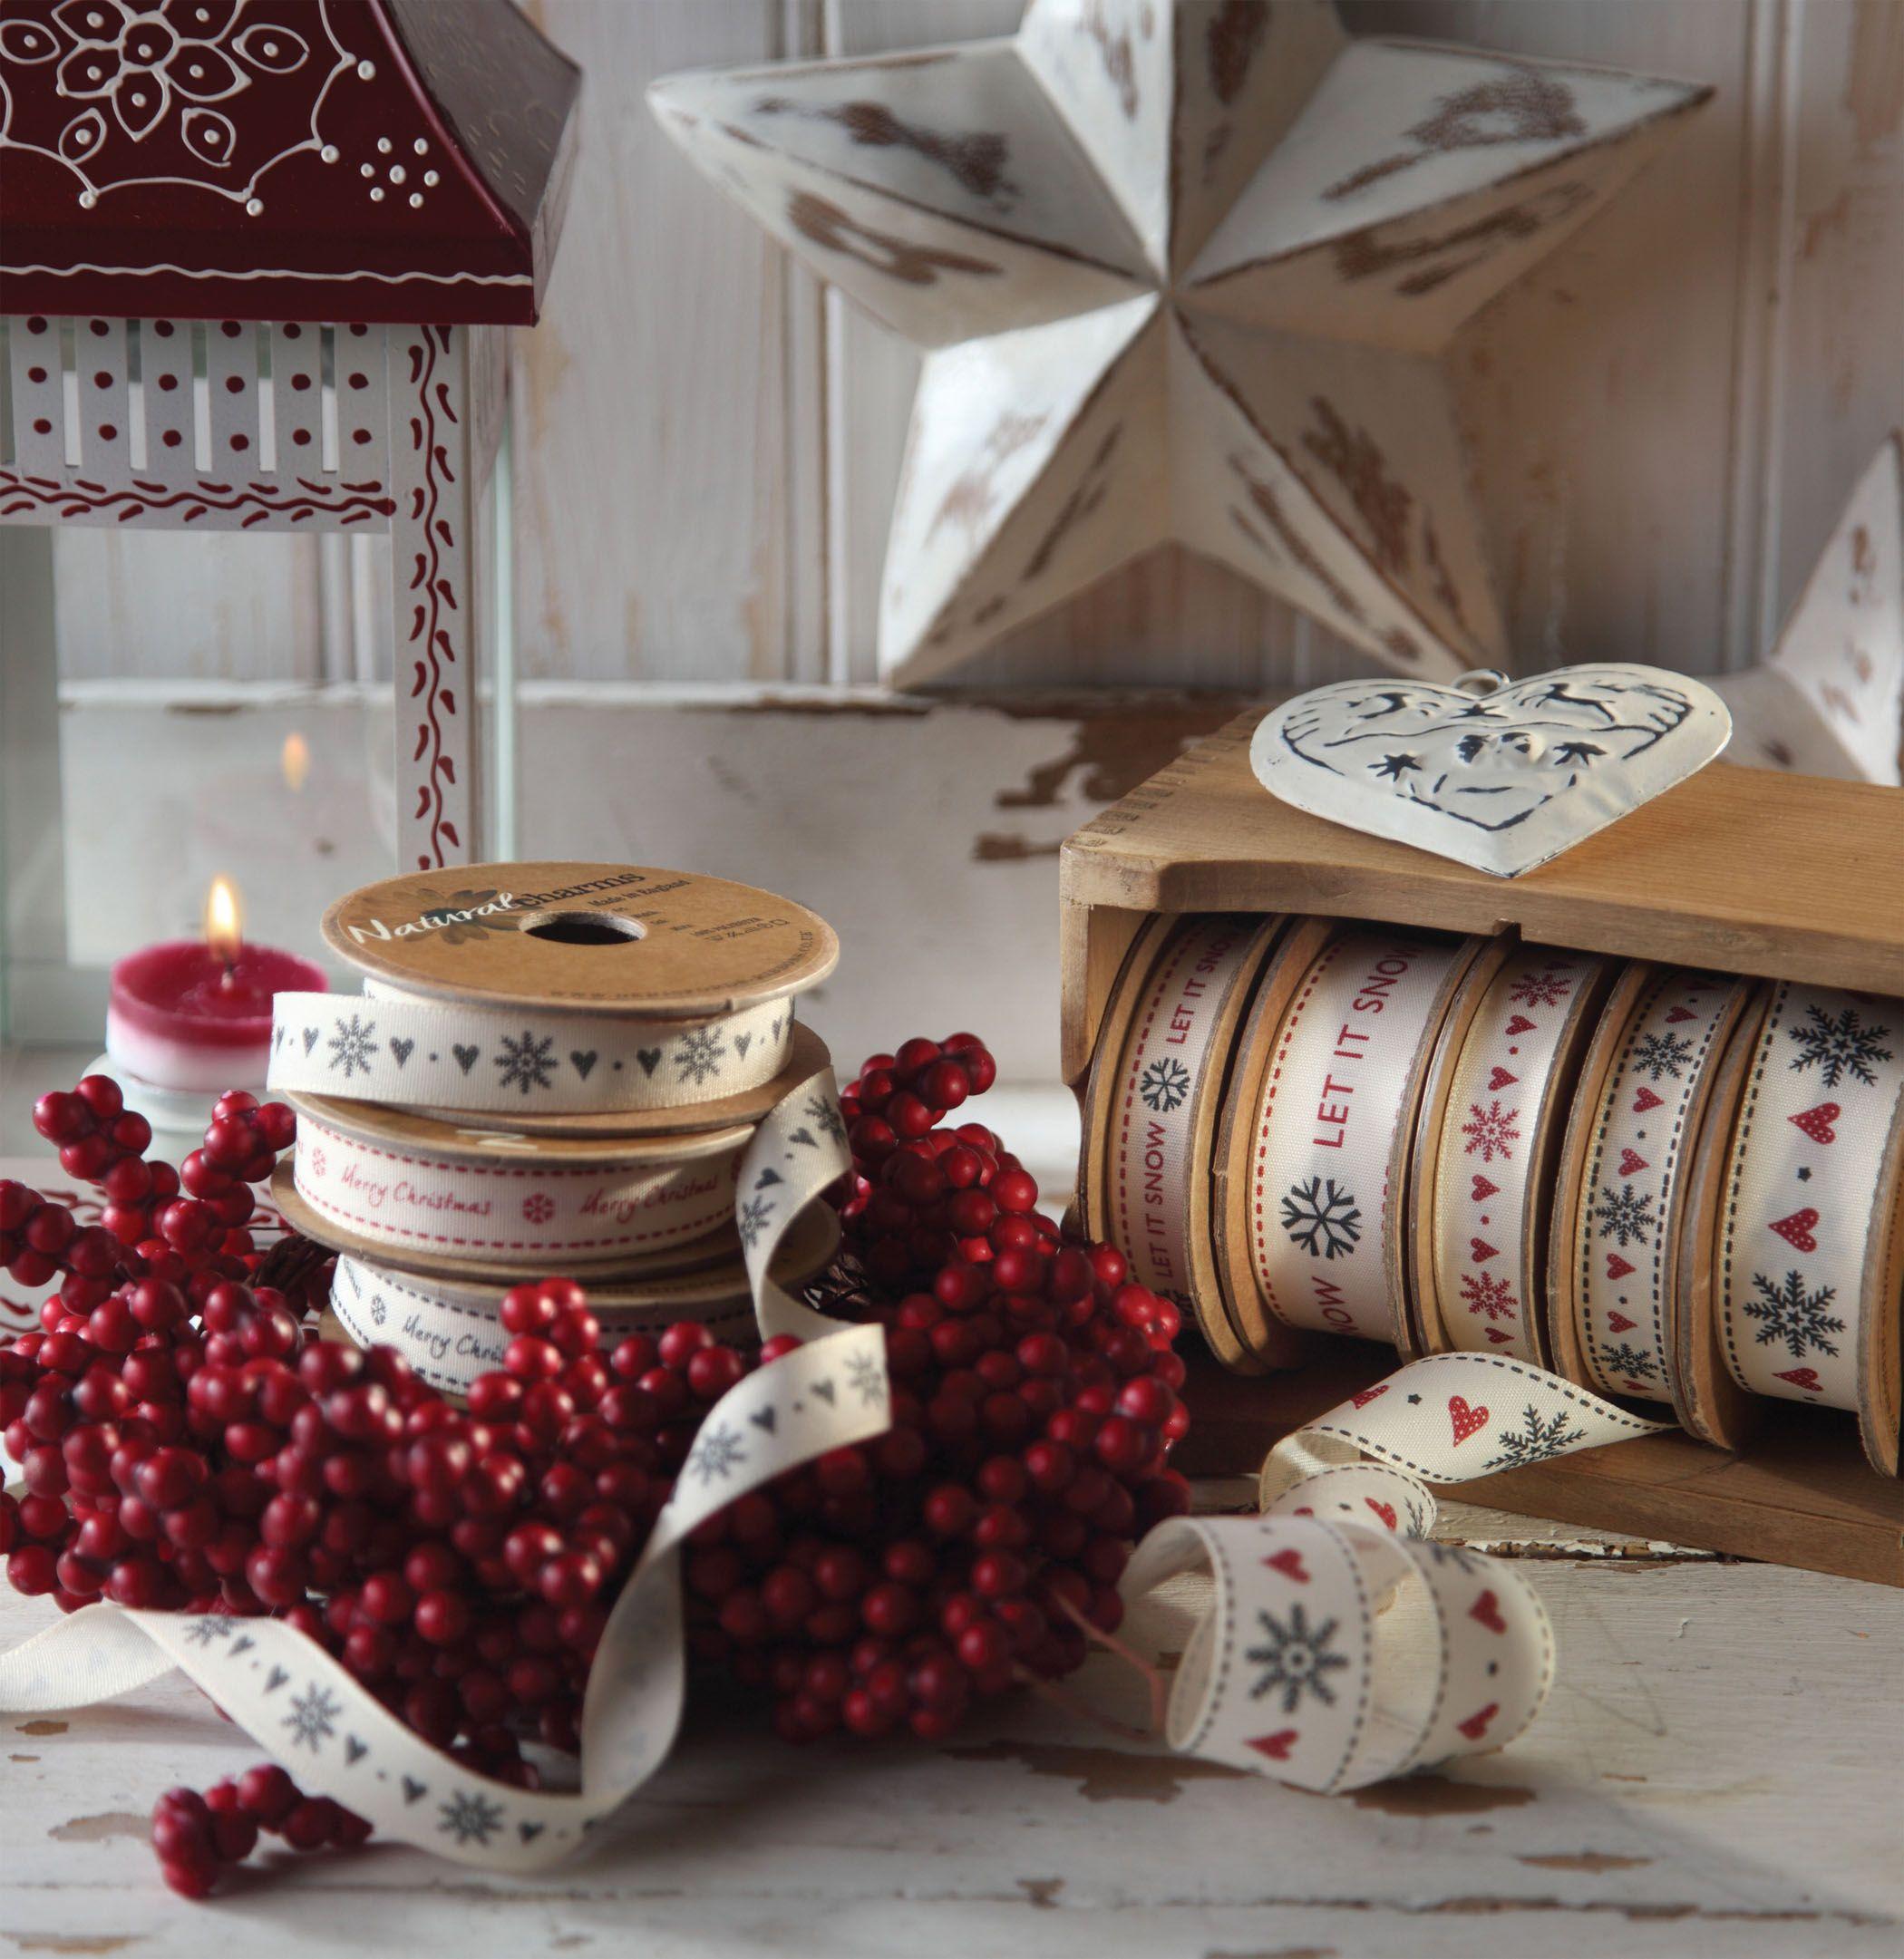 Snowflake Stitch Nordic Christmas Scandinavian Christmas Christmas Gift Wrapping